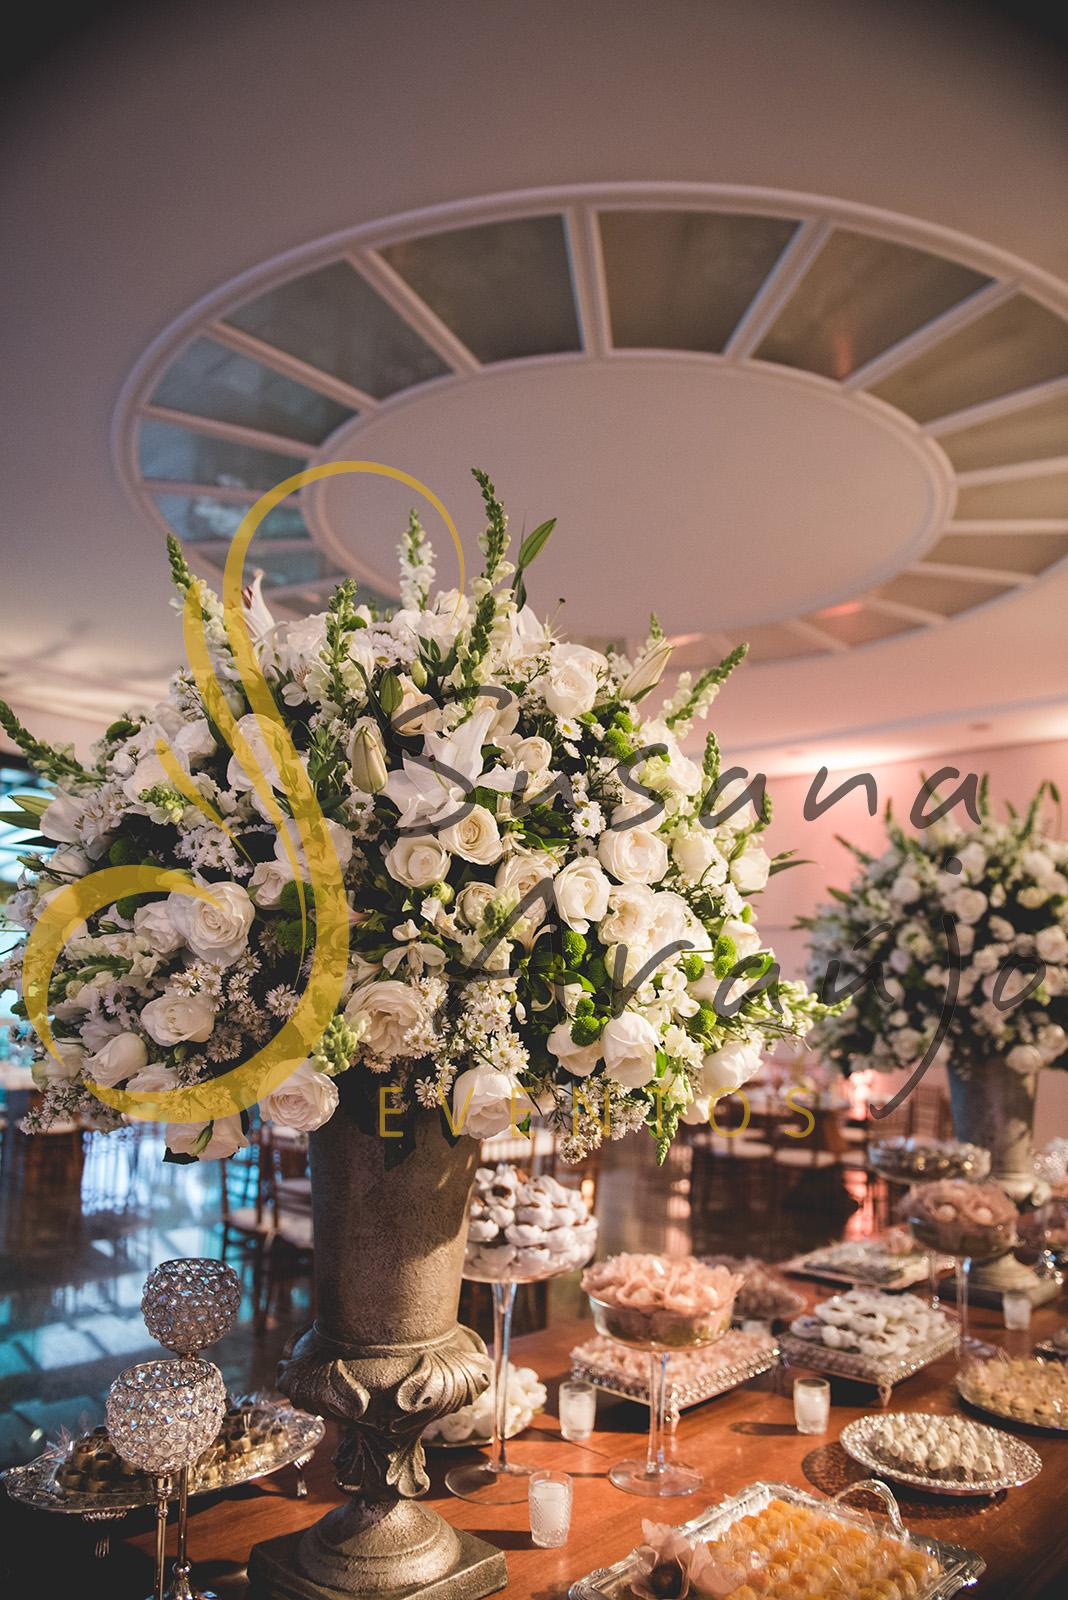 Casamento Clube Aquidaba Angra Decoração floral flores brancas mesa doces arranjos altos grandes tradicionais decorativos flores brancas bandejas rusticas